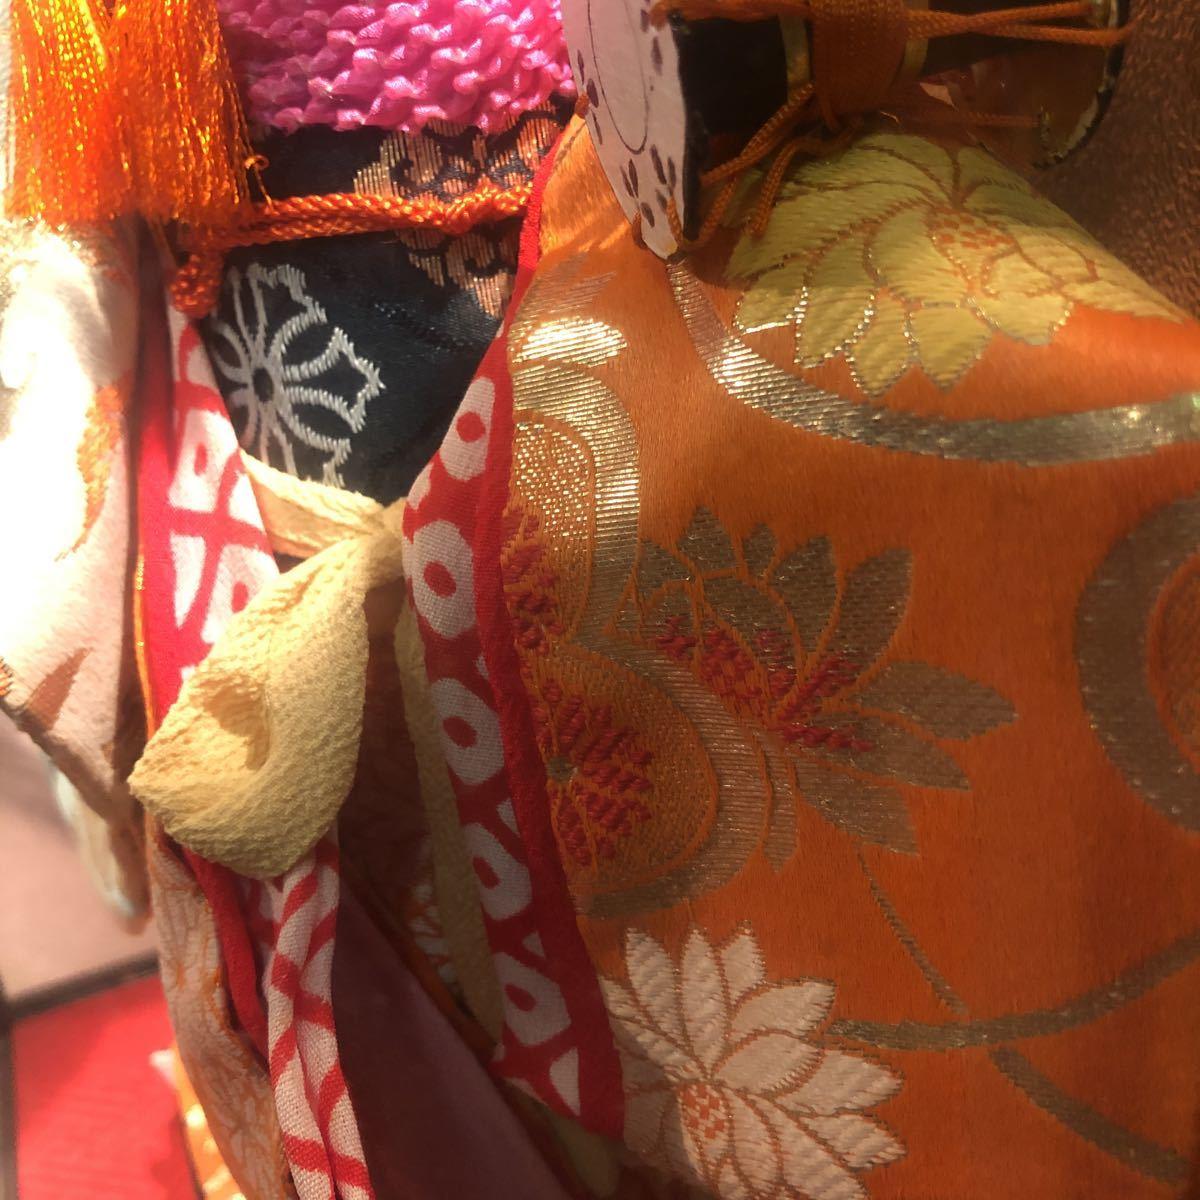 3283 浅妻 古い レトロ 日本人形 ガラスケースつき 昭和レトロ アンティーク 幅29cm高さ43cm奥行き24cm_画像8